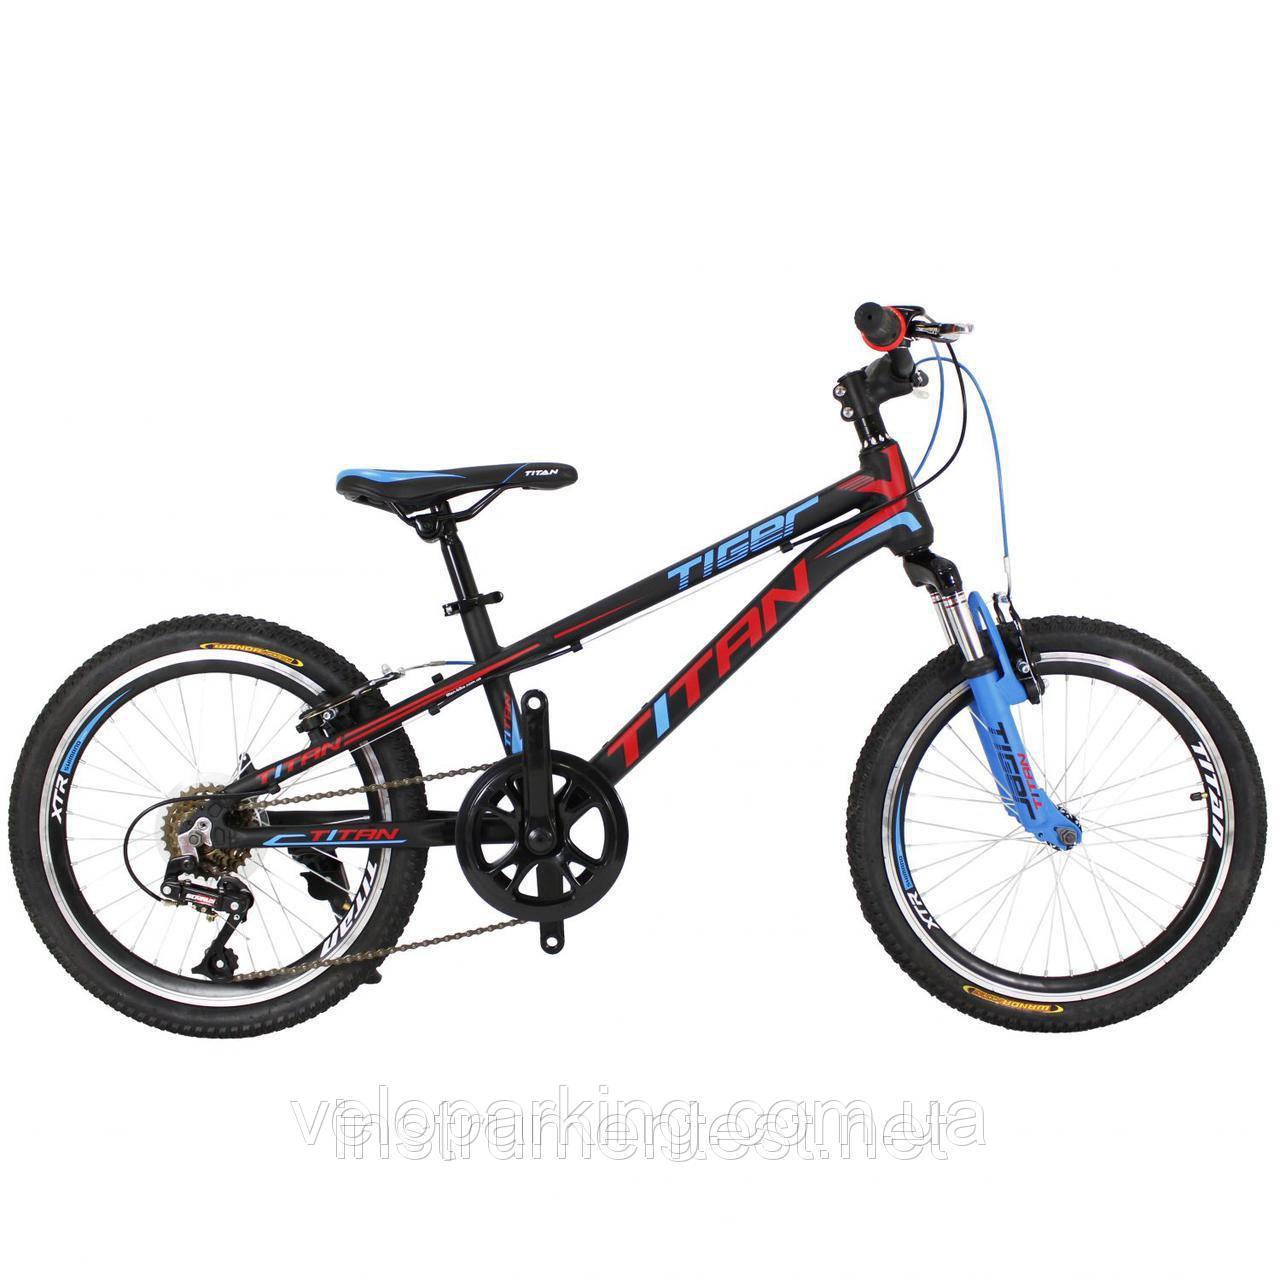 Велосипед детский Titan Tiger 20″ (2018) NEW